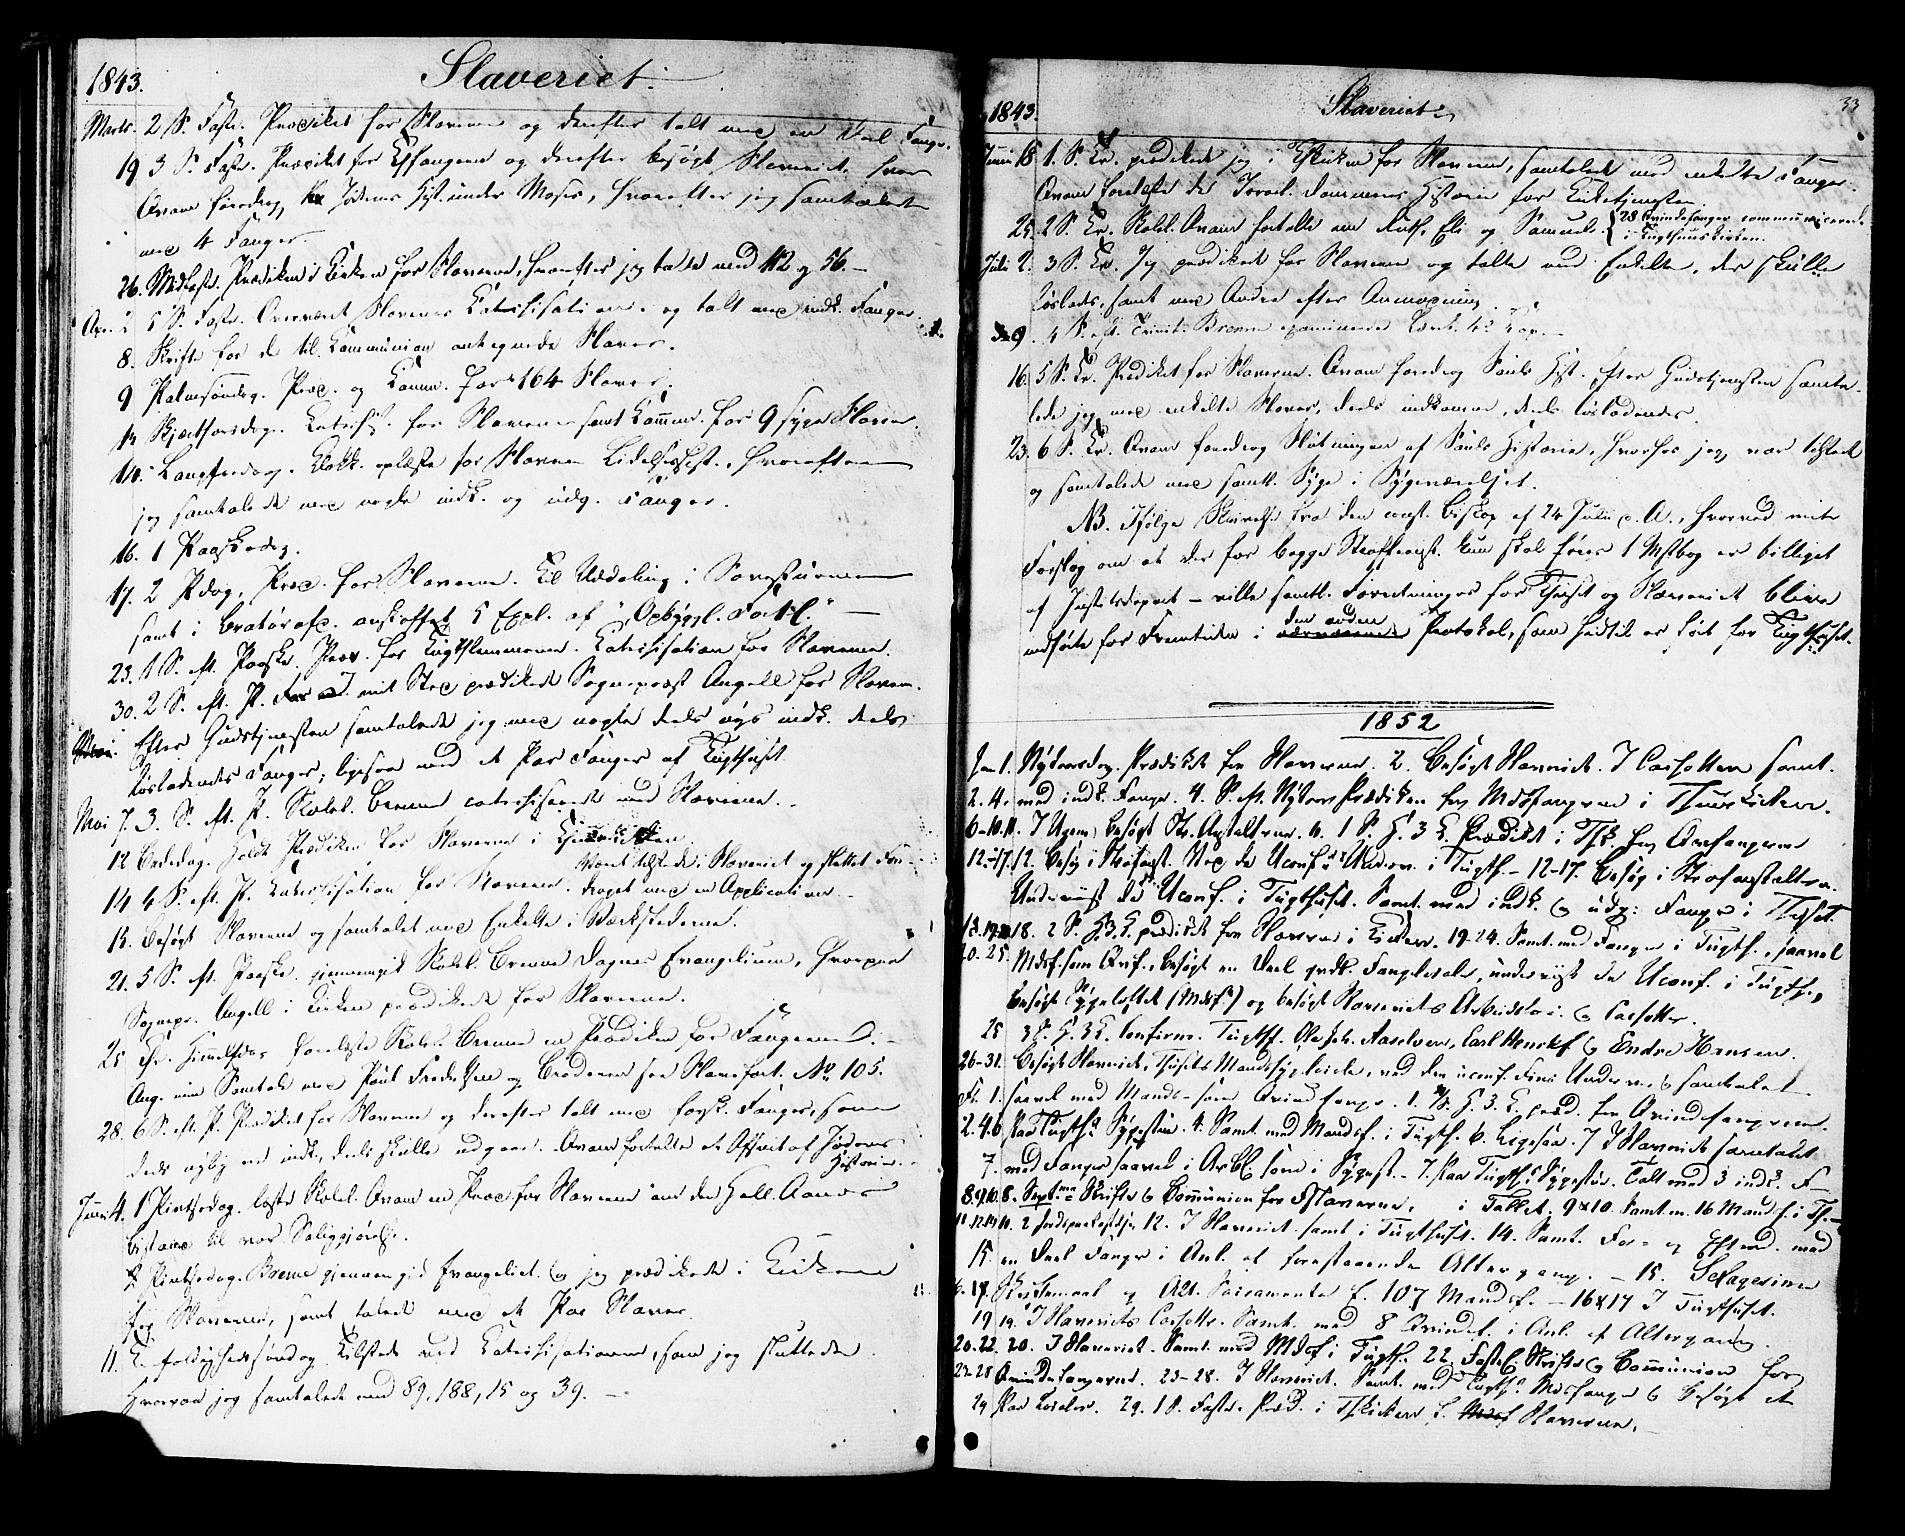 SAT, Ministerialprotokoller, klokkerbøker og fødselsregistre - Sør-Trøndelag, 624/L0481: Ministerialbok nr. 624A02, 1841-1869, s. 33